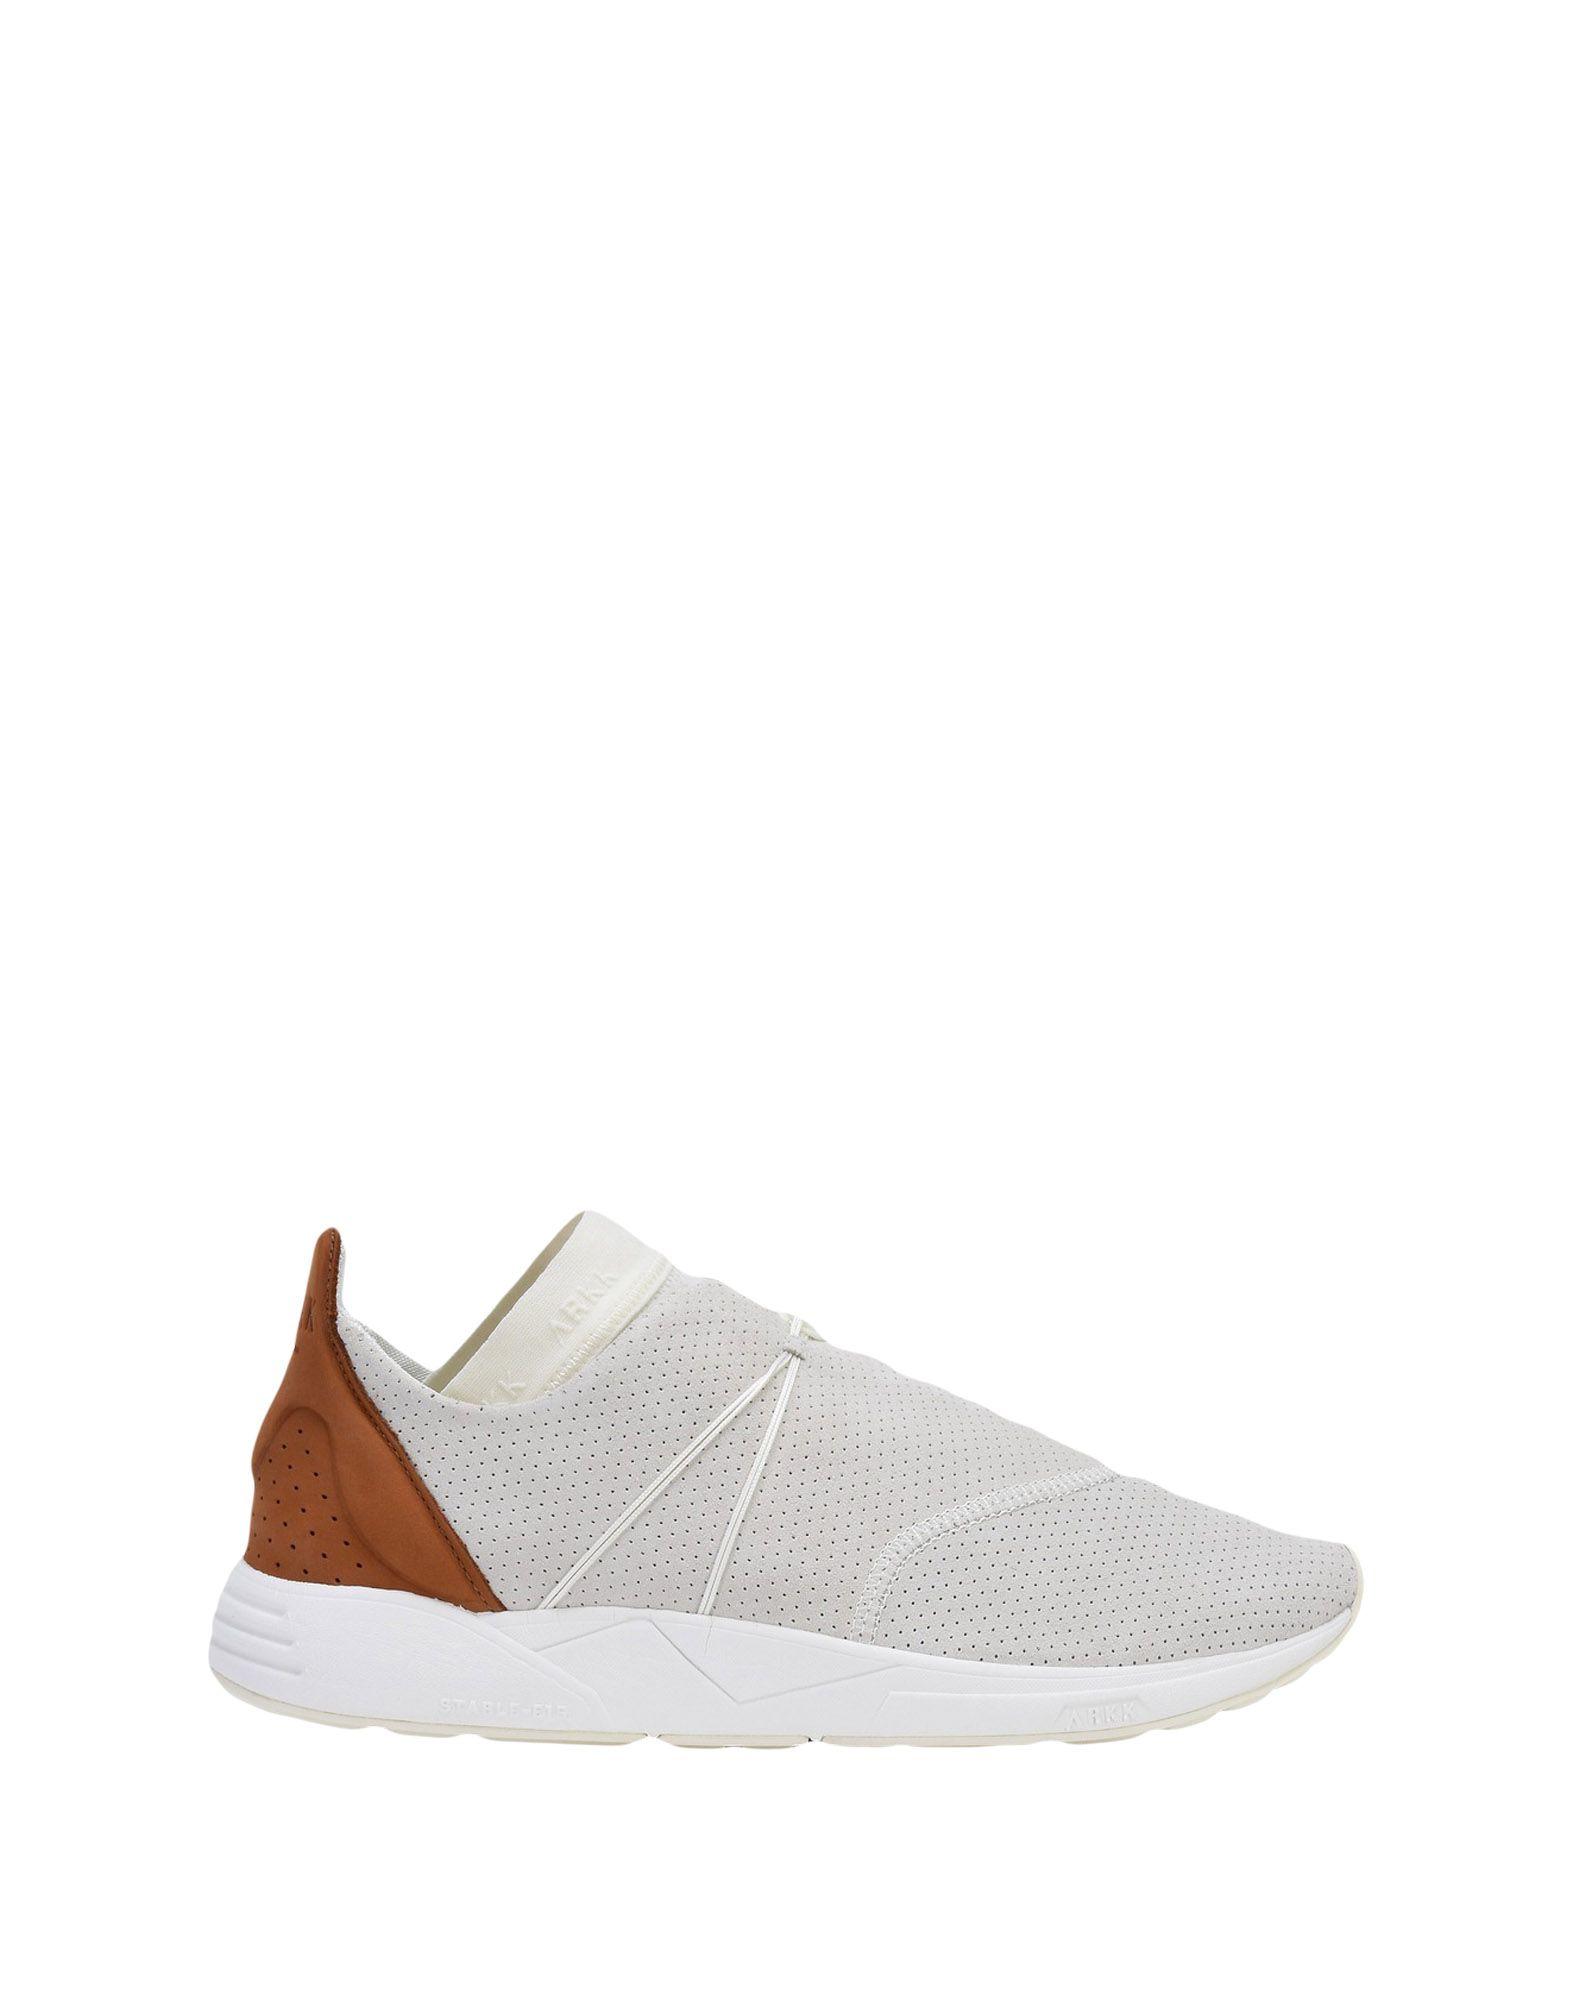 Sneakers Arkk Copenhagen Eaglezero Suede S-E15 Off White - Homme - Sneakers Arkk Copenhagen sur